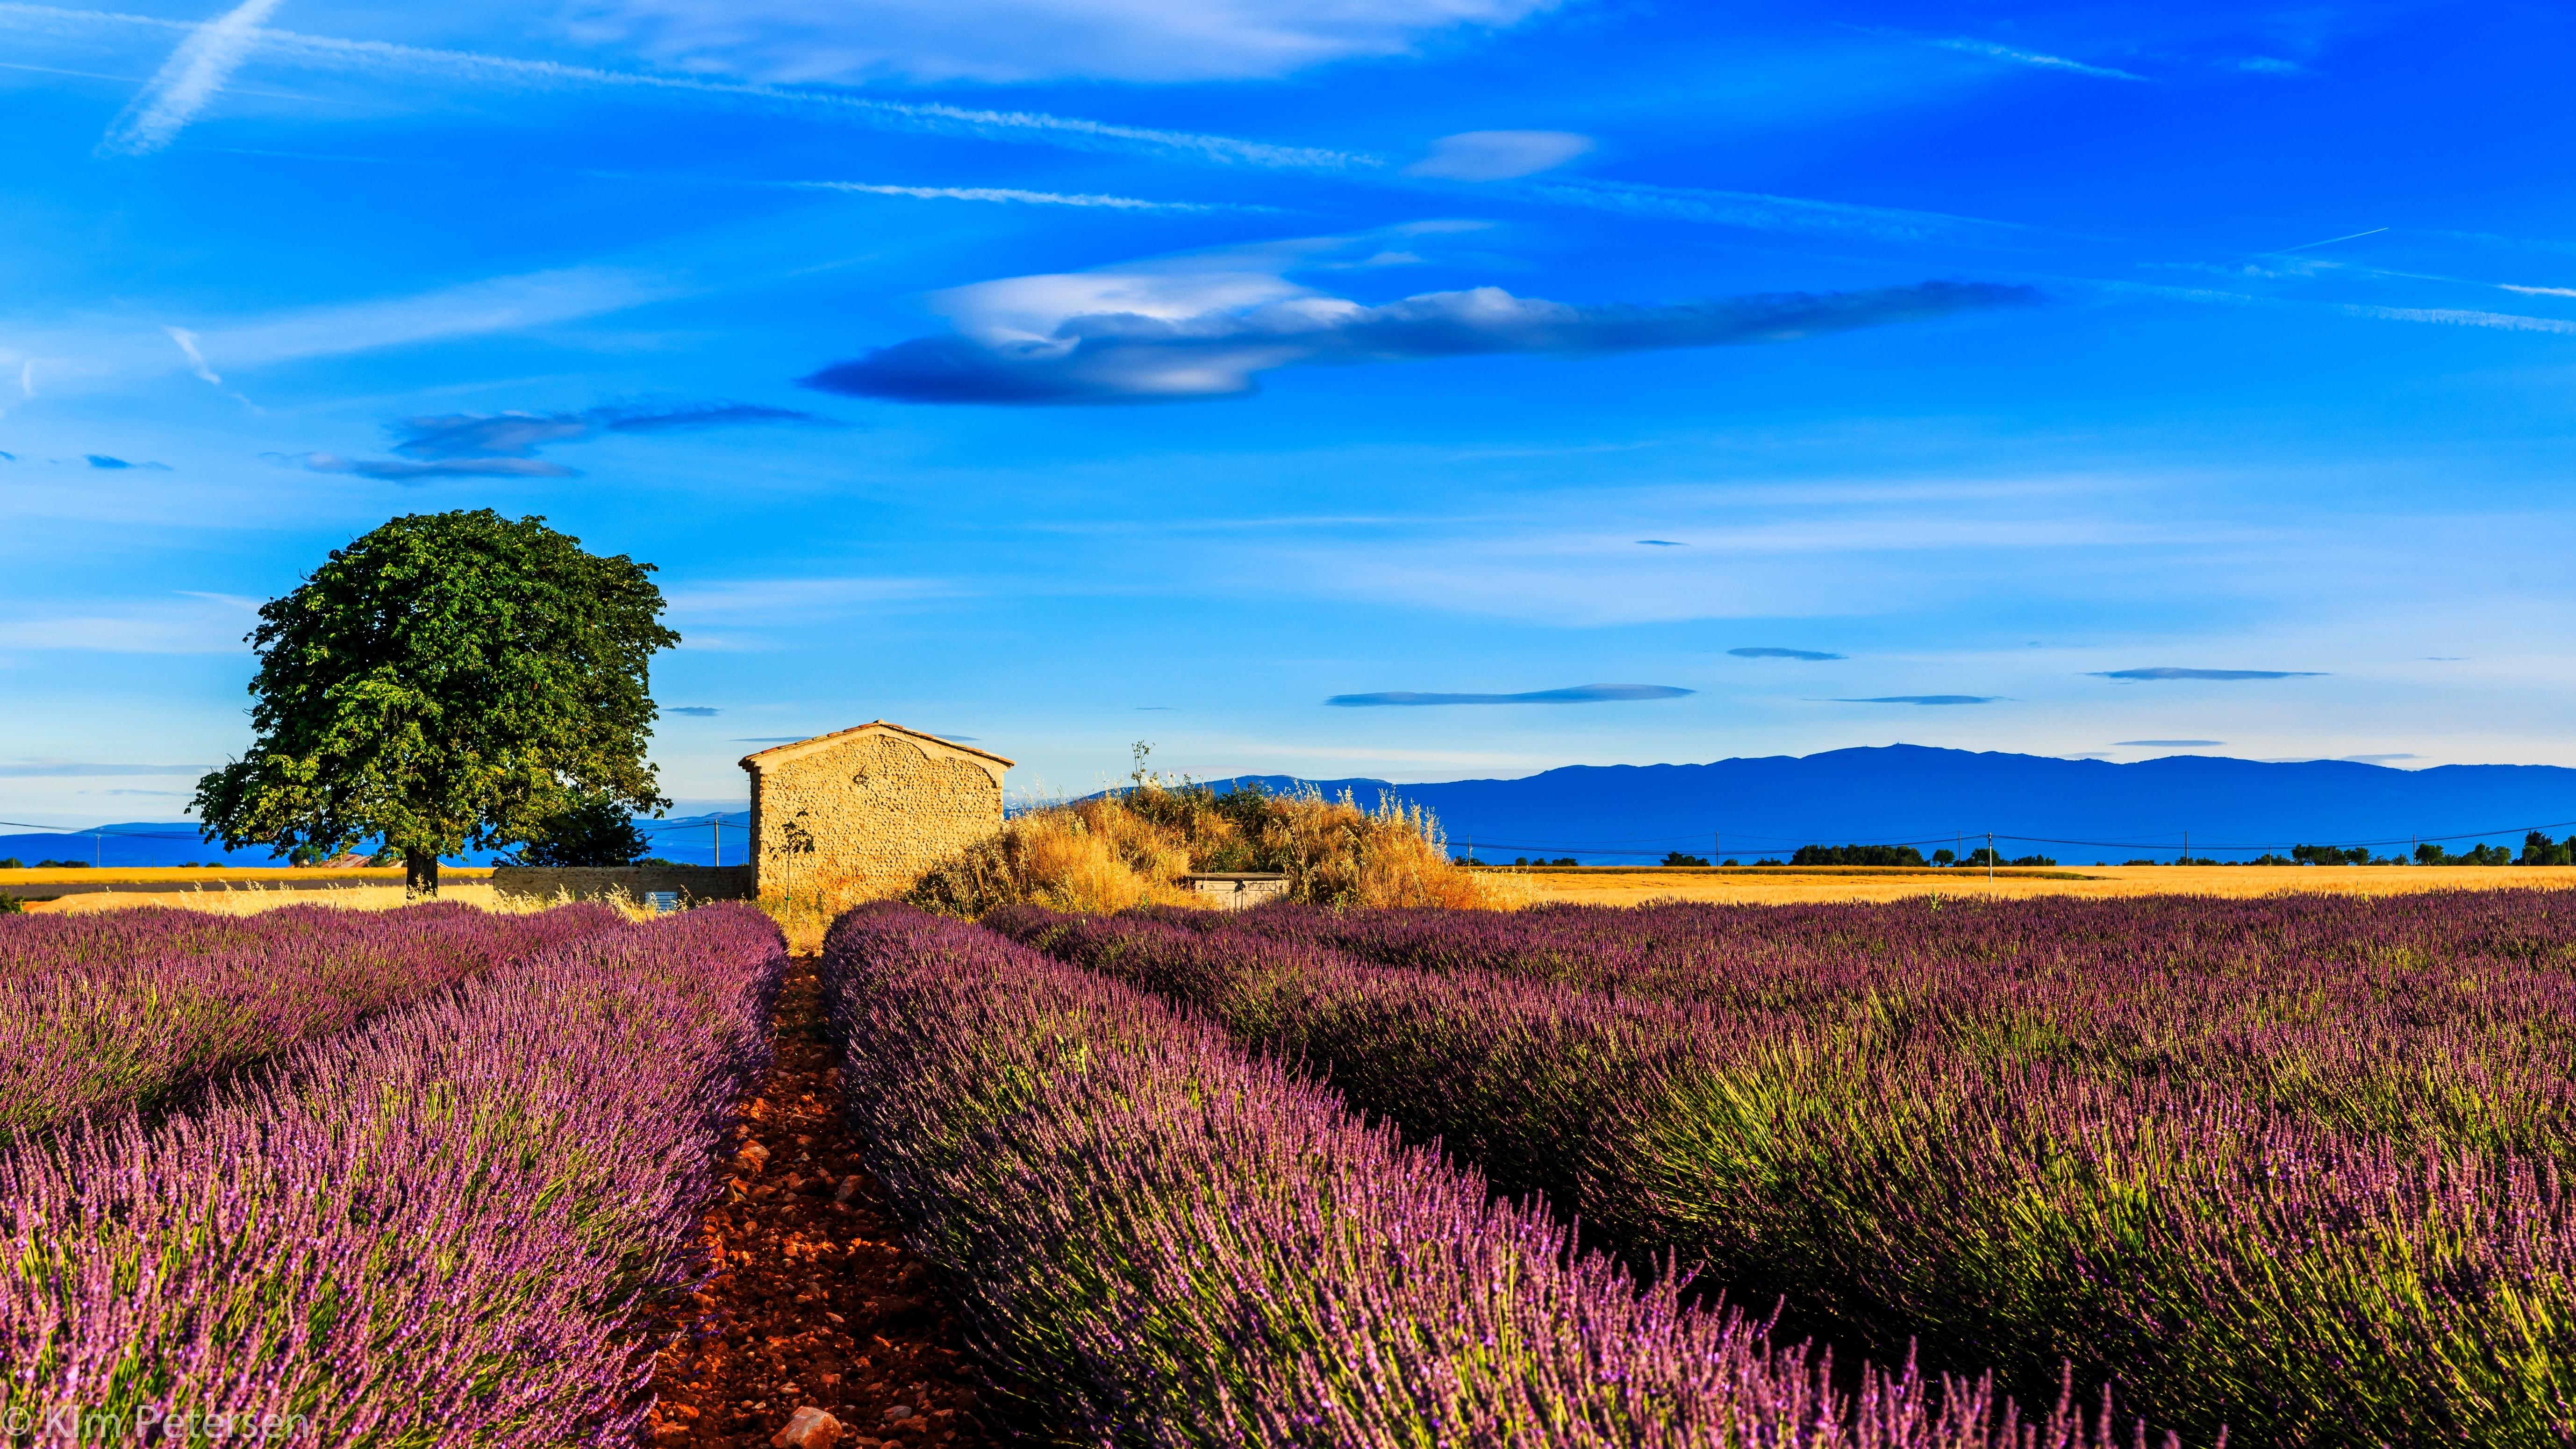 50468壁紙のダウンロード自然, フランス, プロヴァンス, フィールド, 畑, 草, スカイ-スクリーンセーバーと写真を無料で